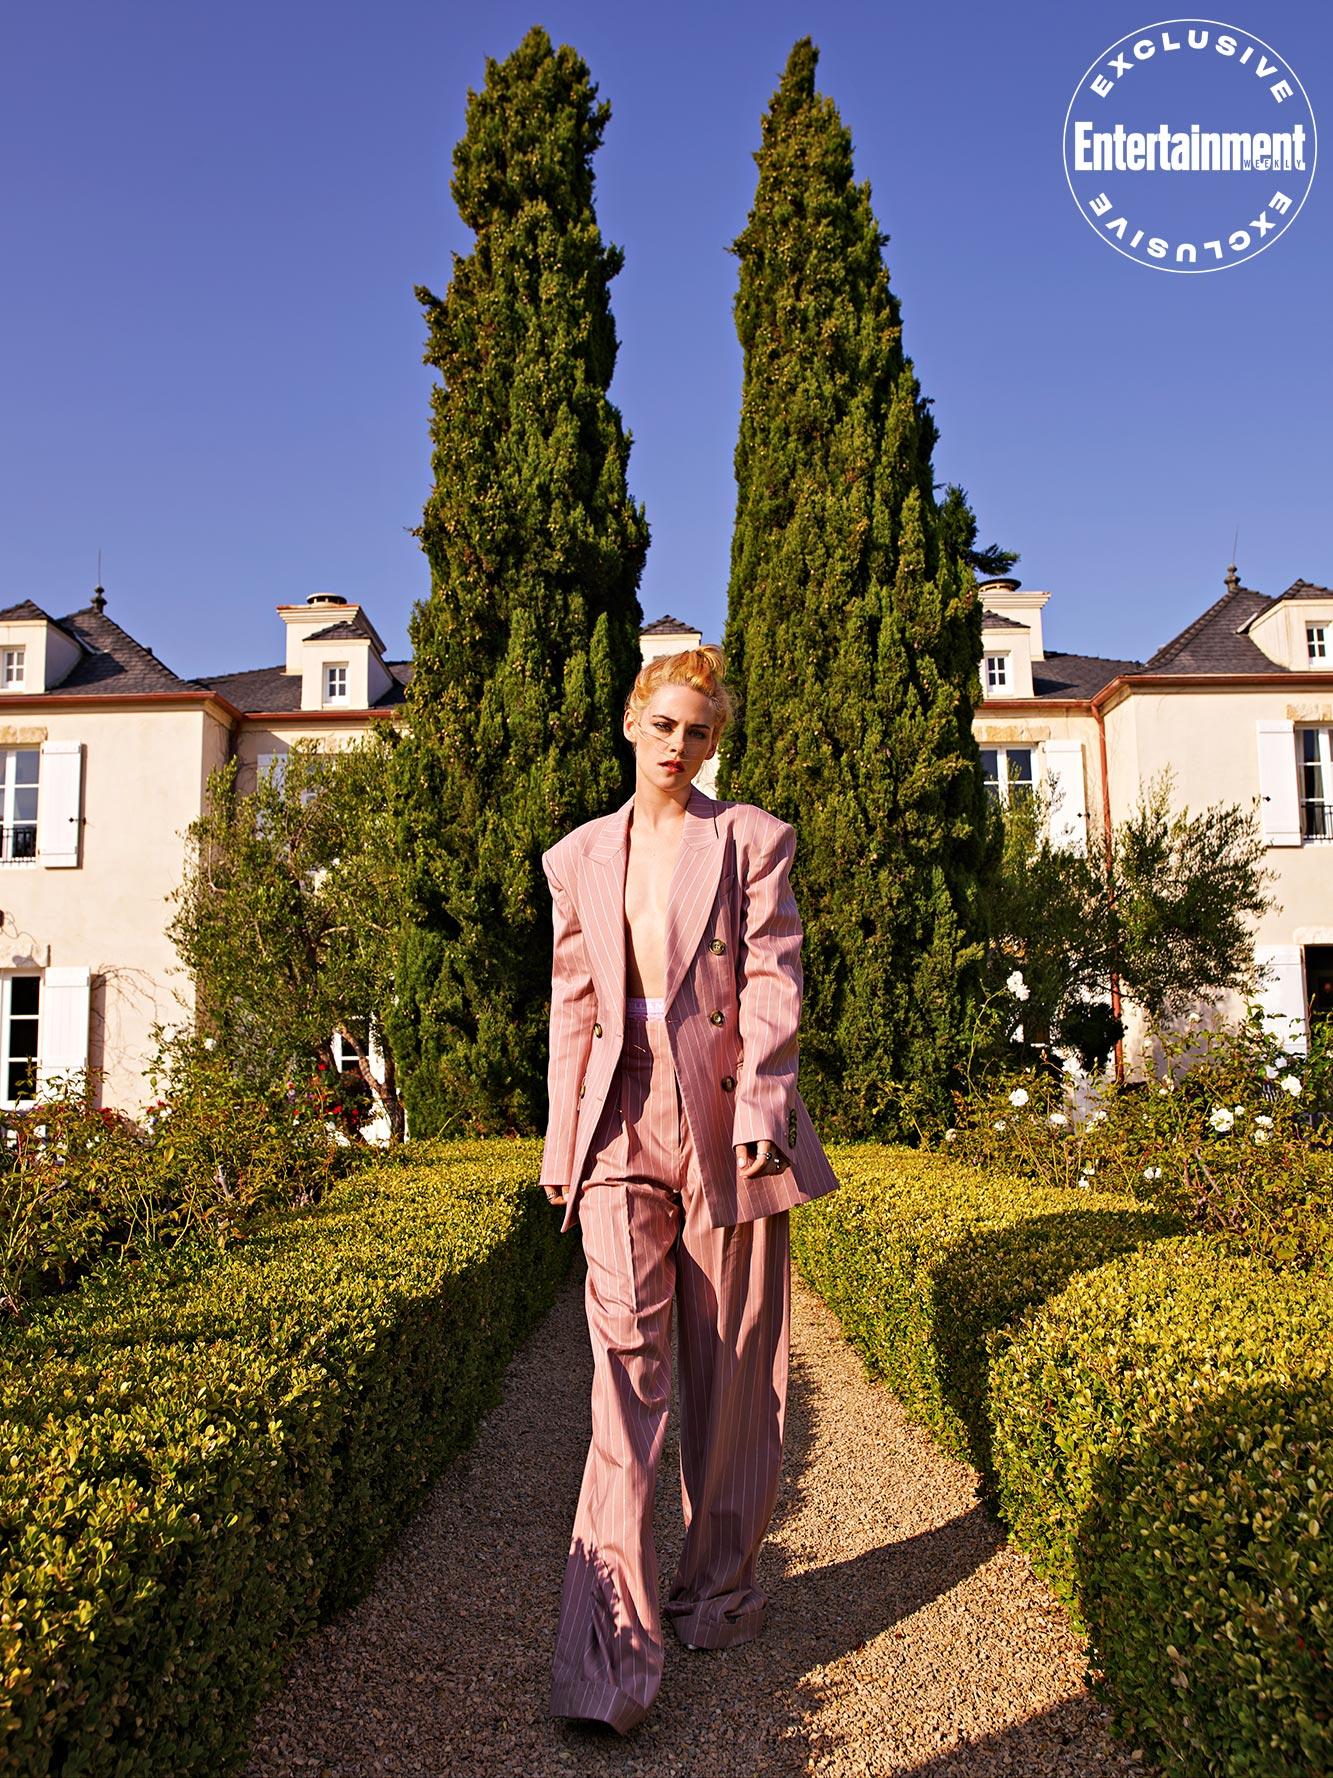 Kristen Stewart November 2021 Cover